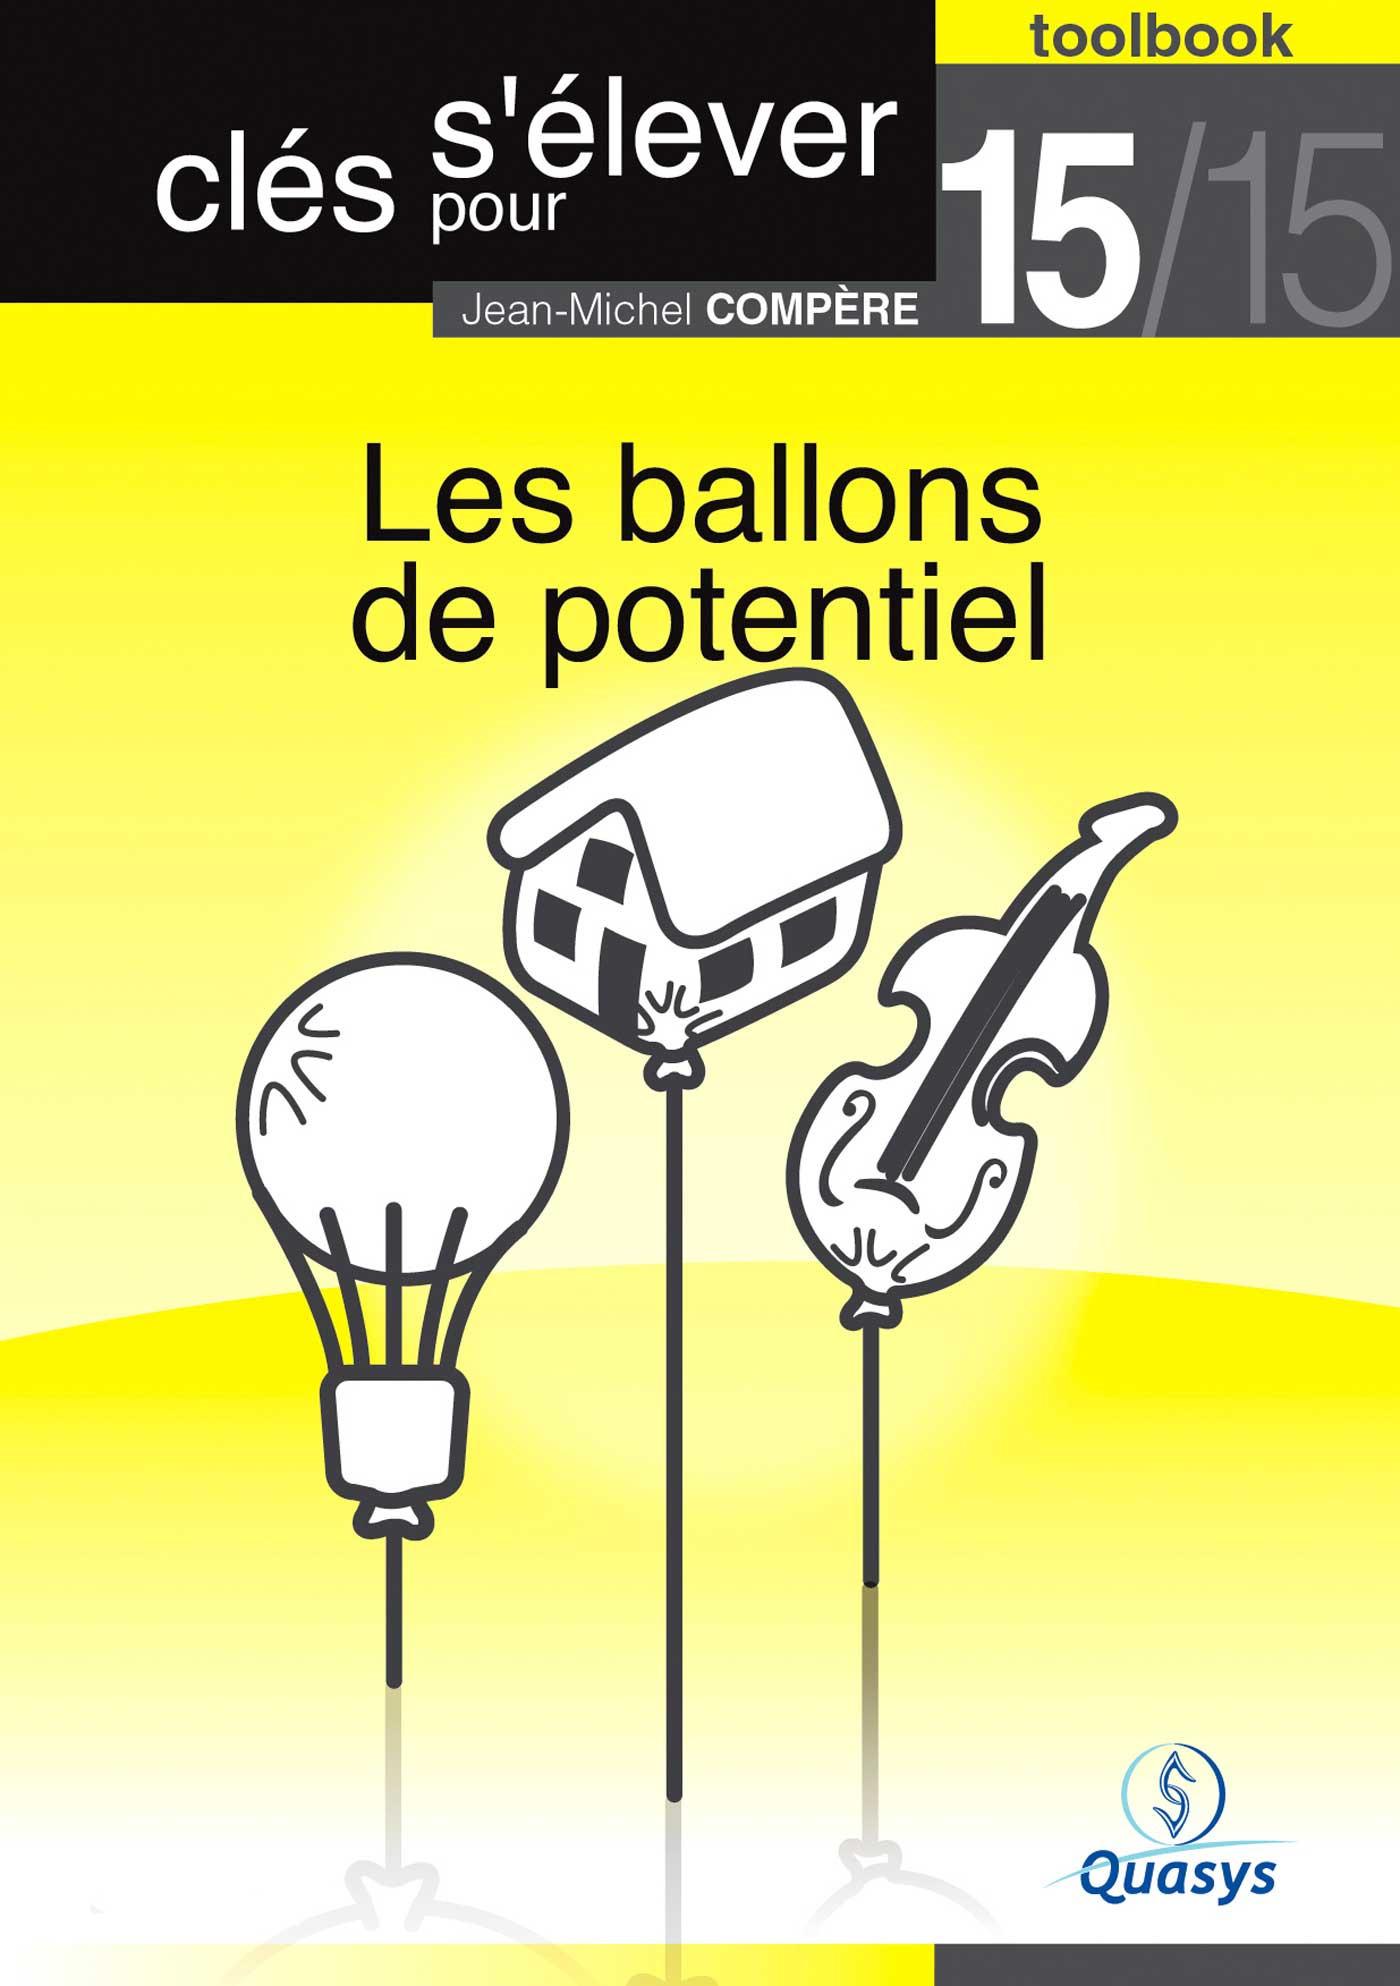 Les ballons de potentiel (Toolbook 15/15